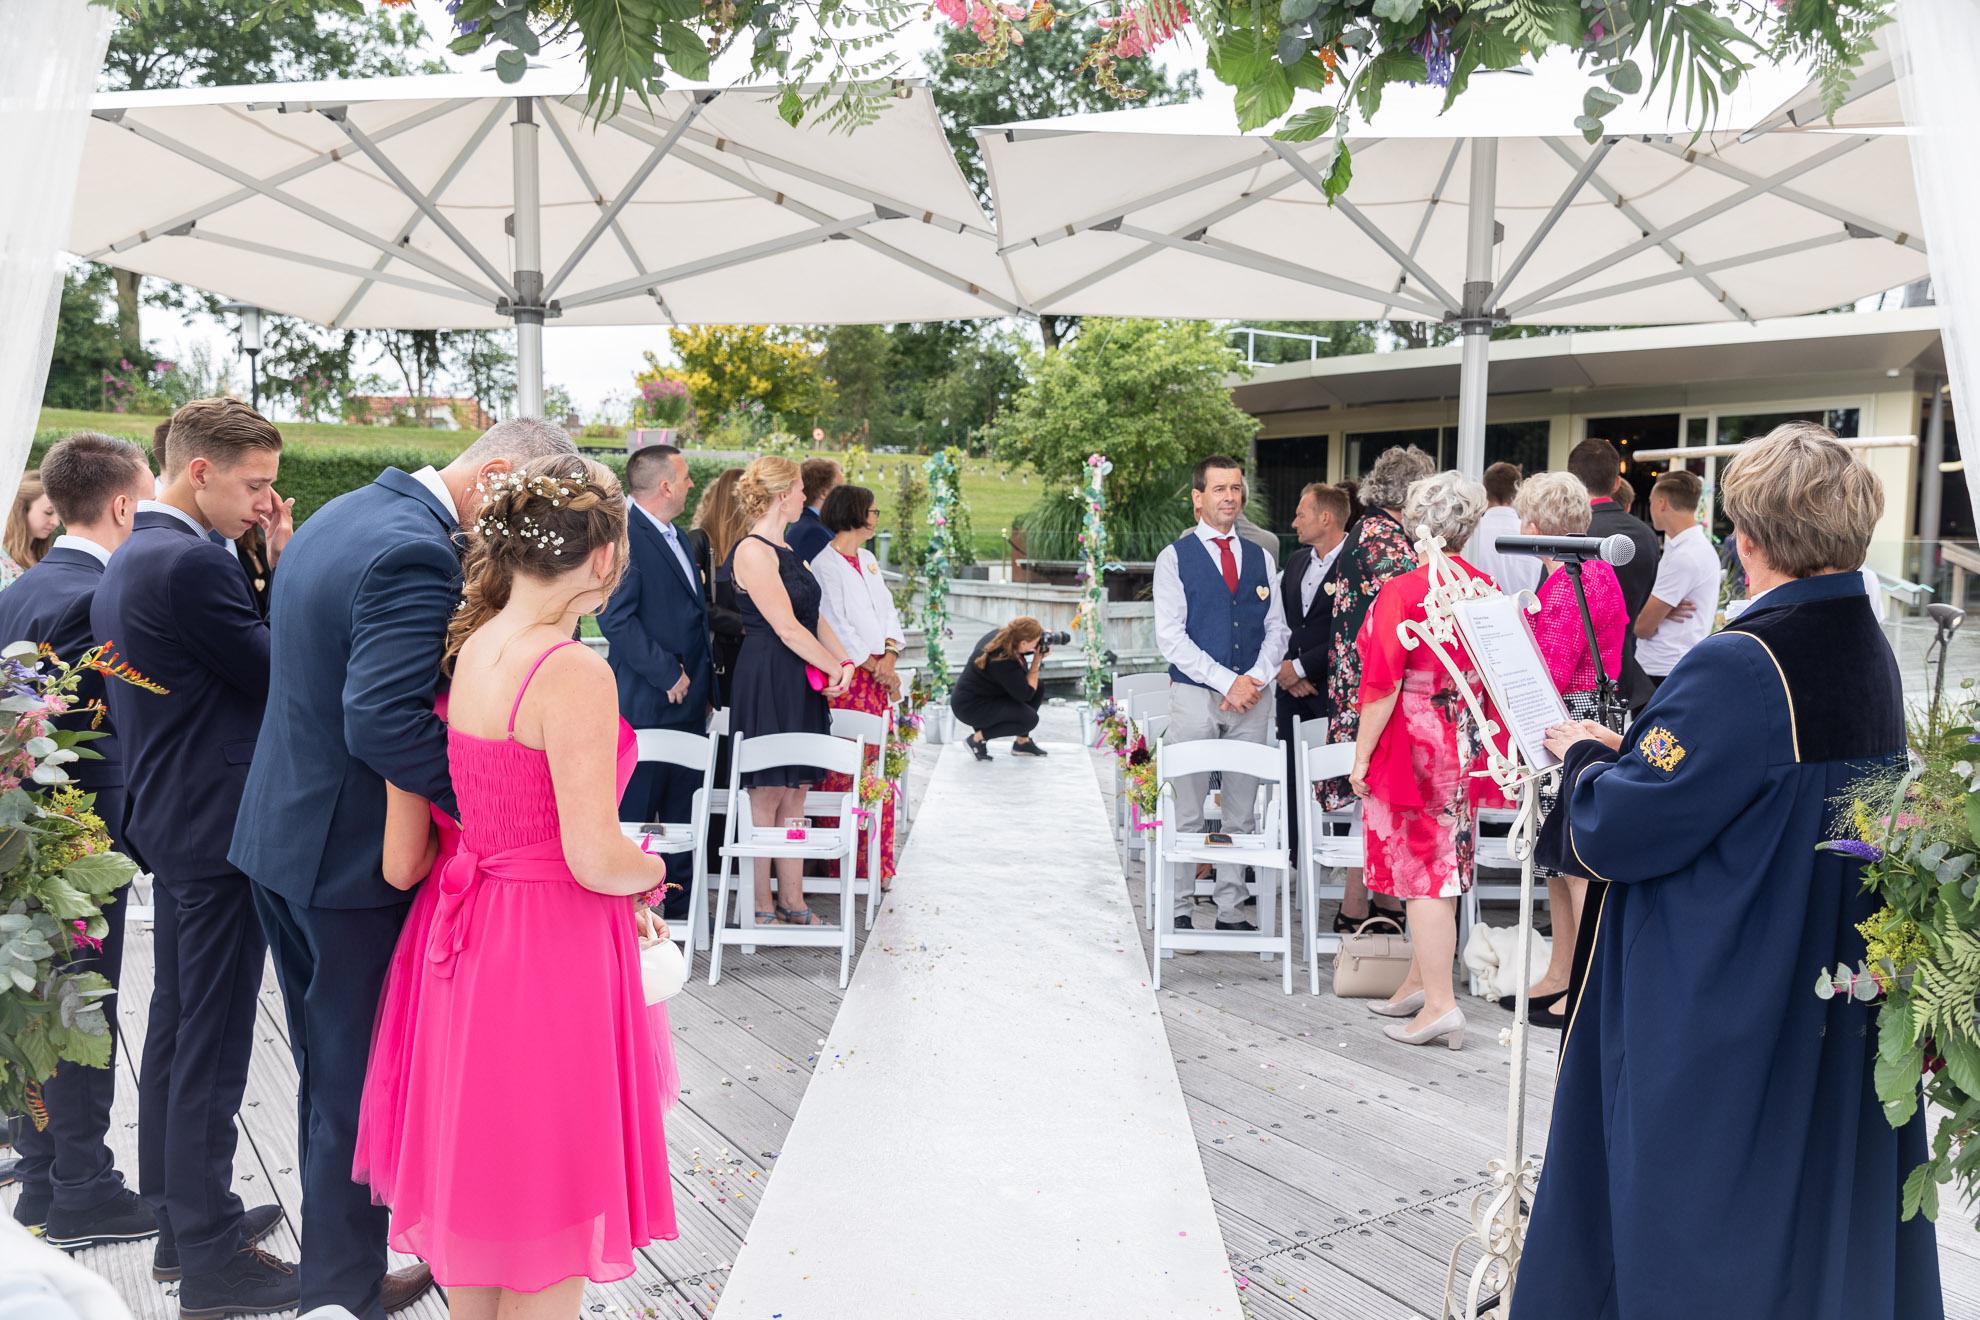 Second shooter fotografeert de bruid die in aantocht is.